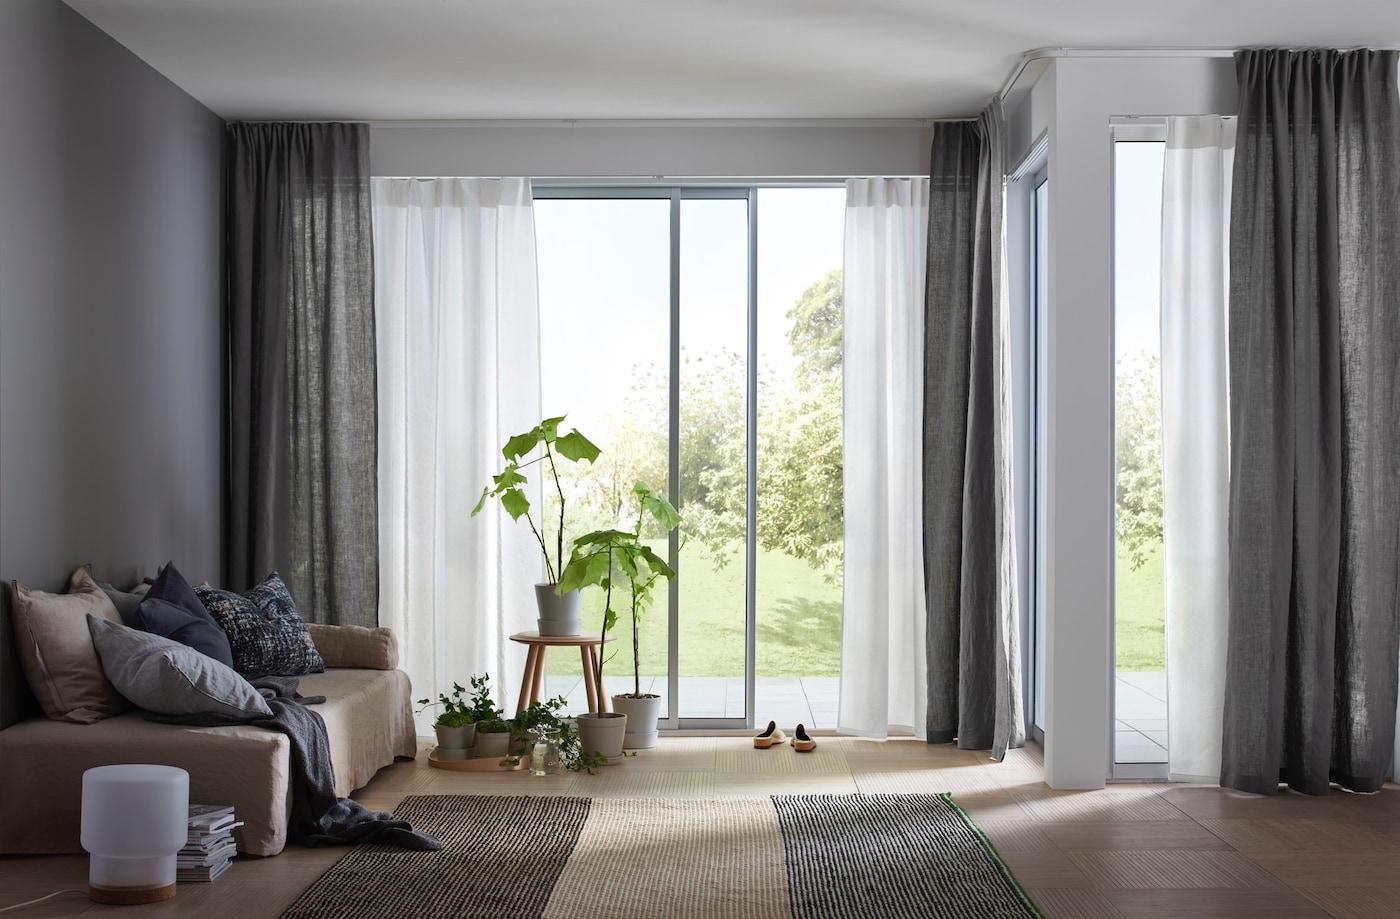 Living room with doors open to the garden.